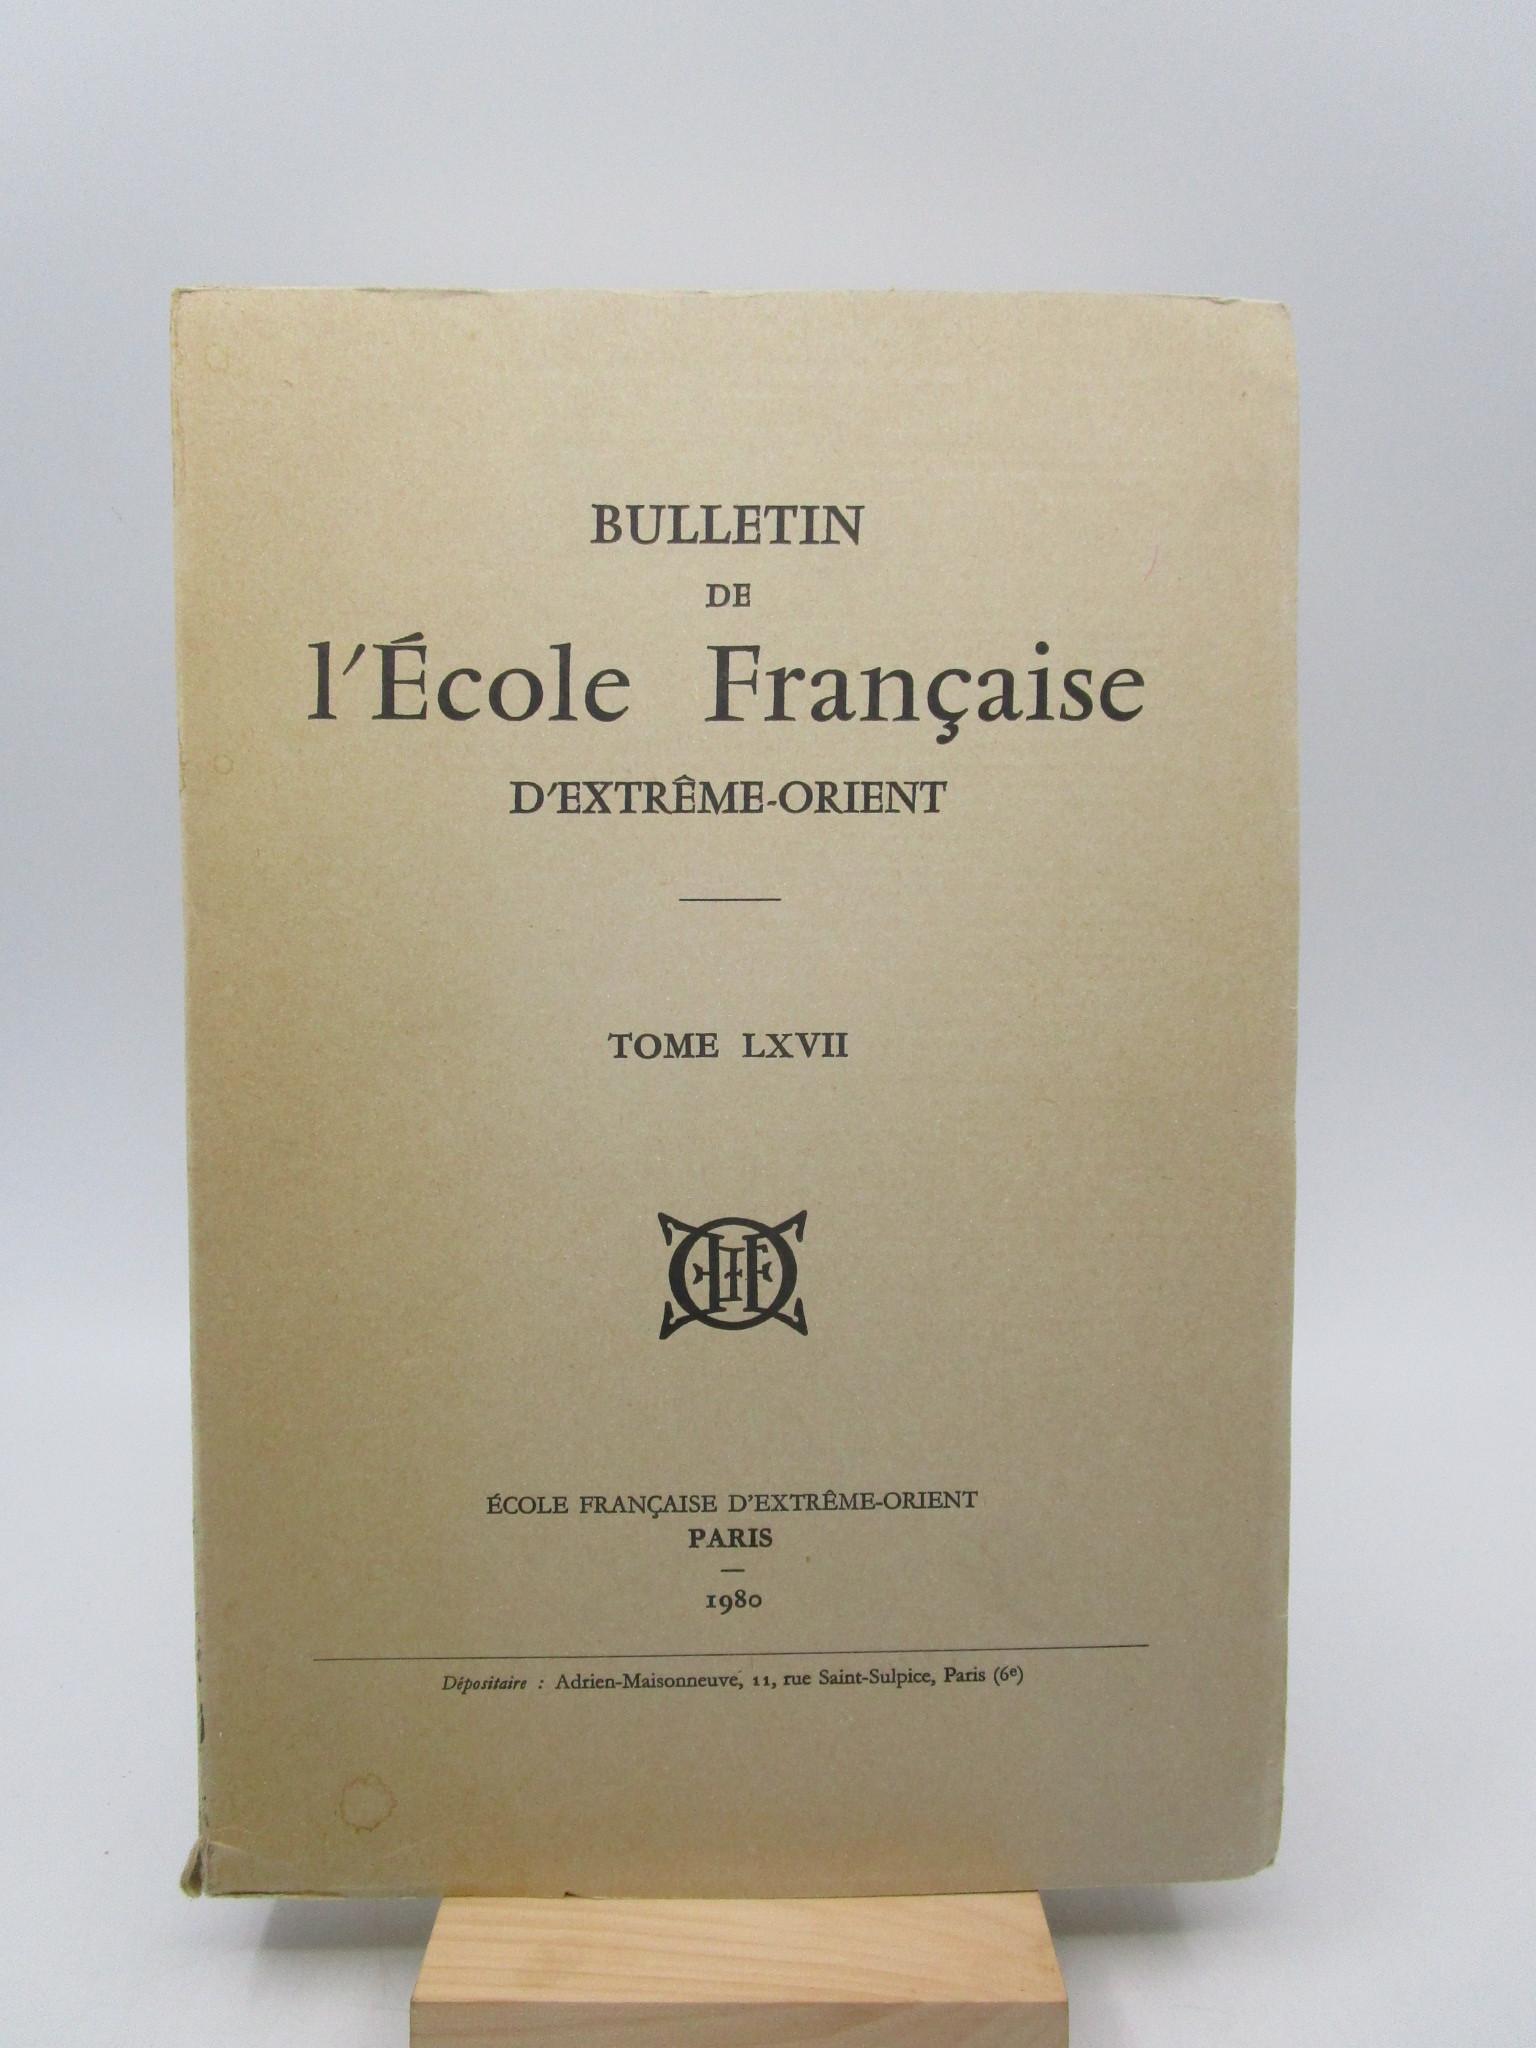 Image for Bulletin de l'Ecole Franaise d'Extrme-Orient, Tome LXVII